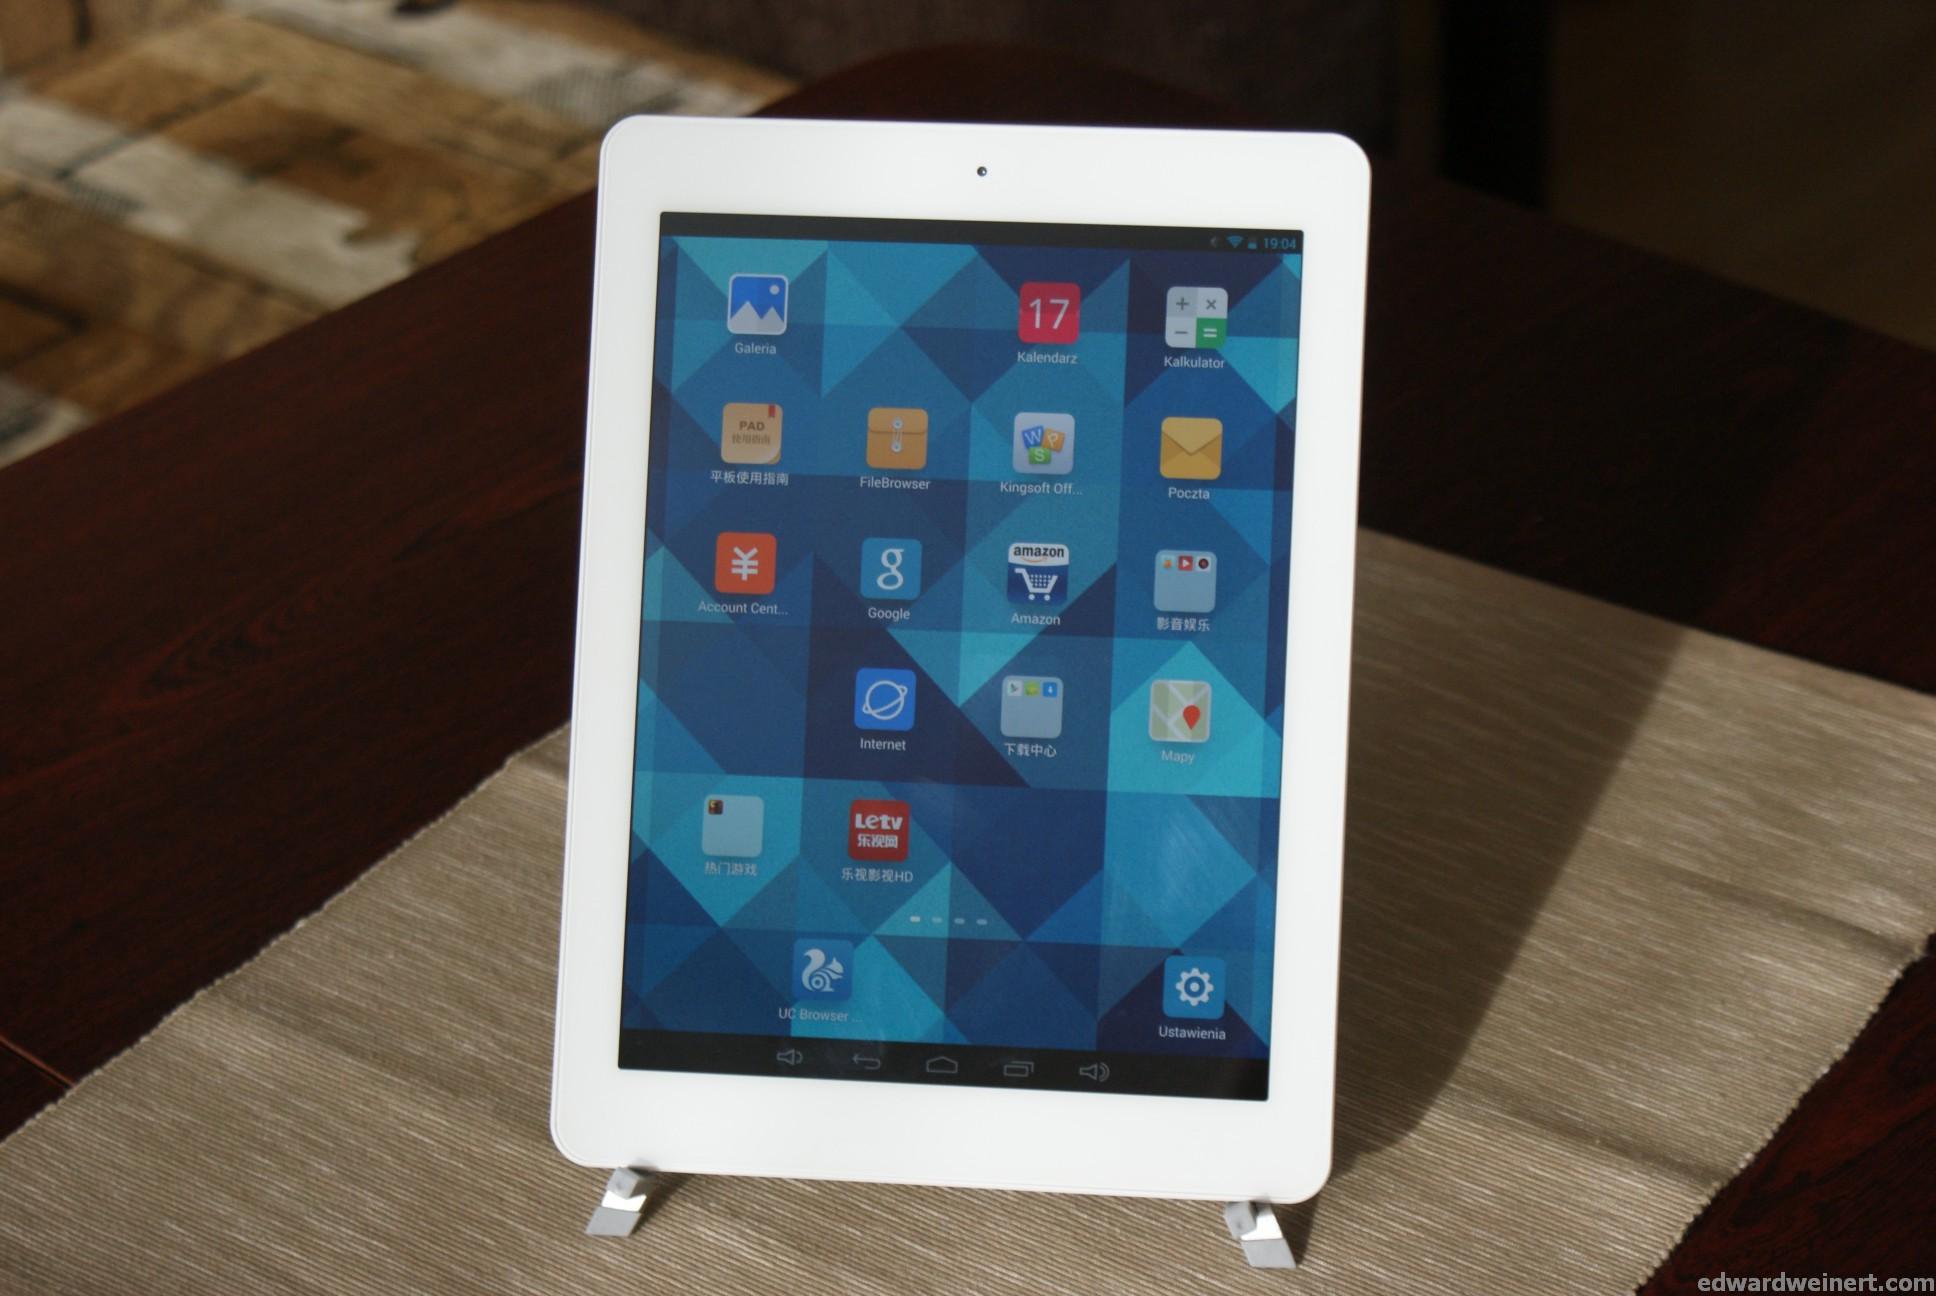 Recenzja tabletu Onda V975m z procesorem AmLogic M802 i wyświetlaczem Retina